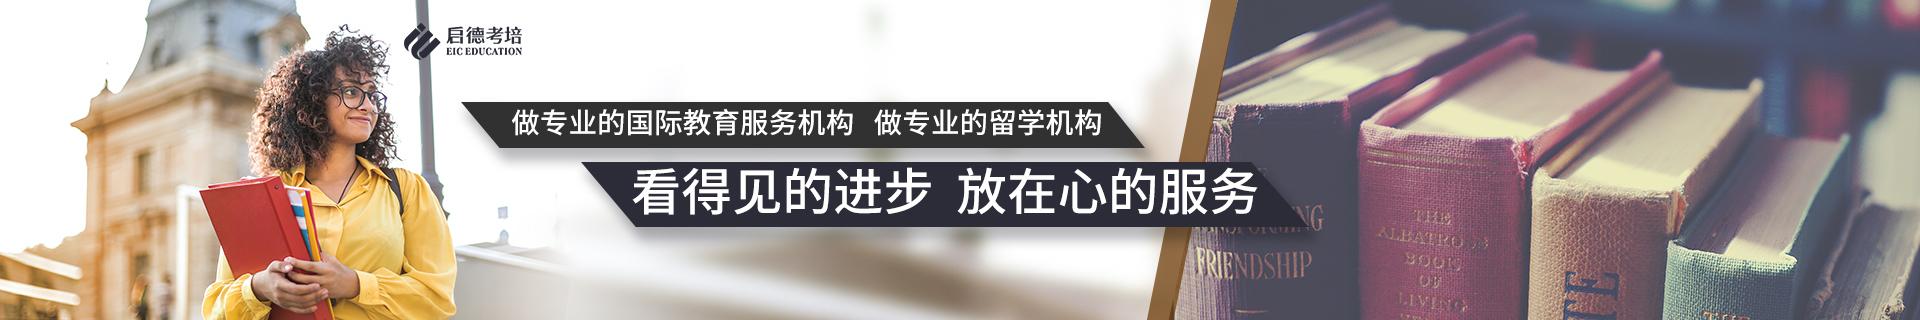 北京启德考培中关村校区